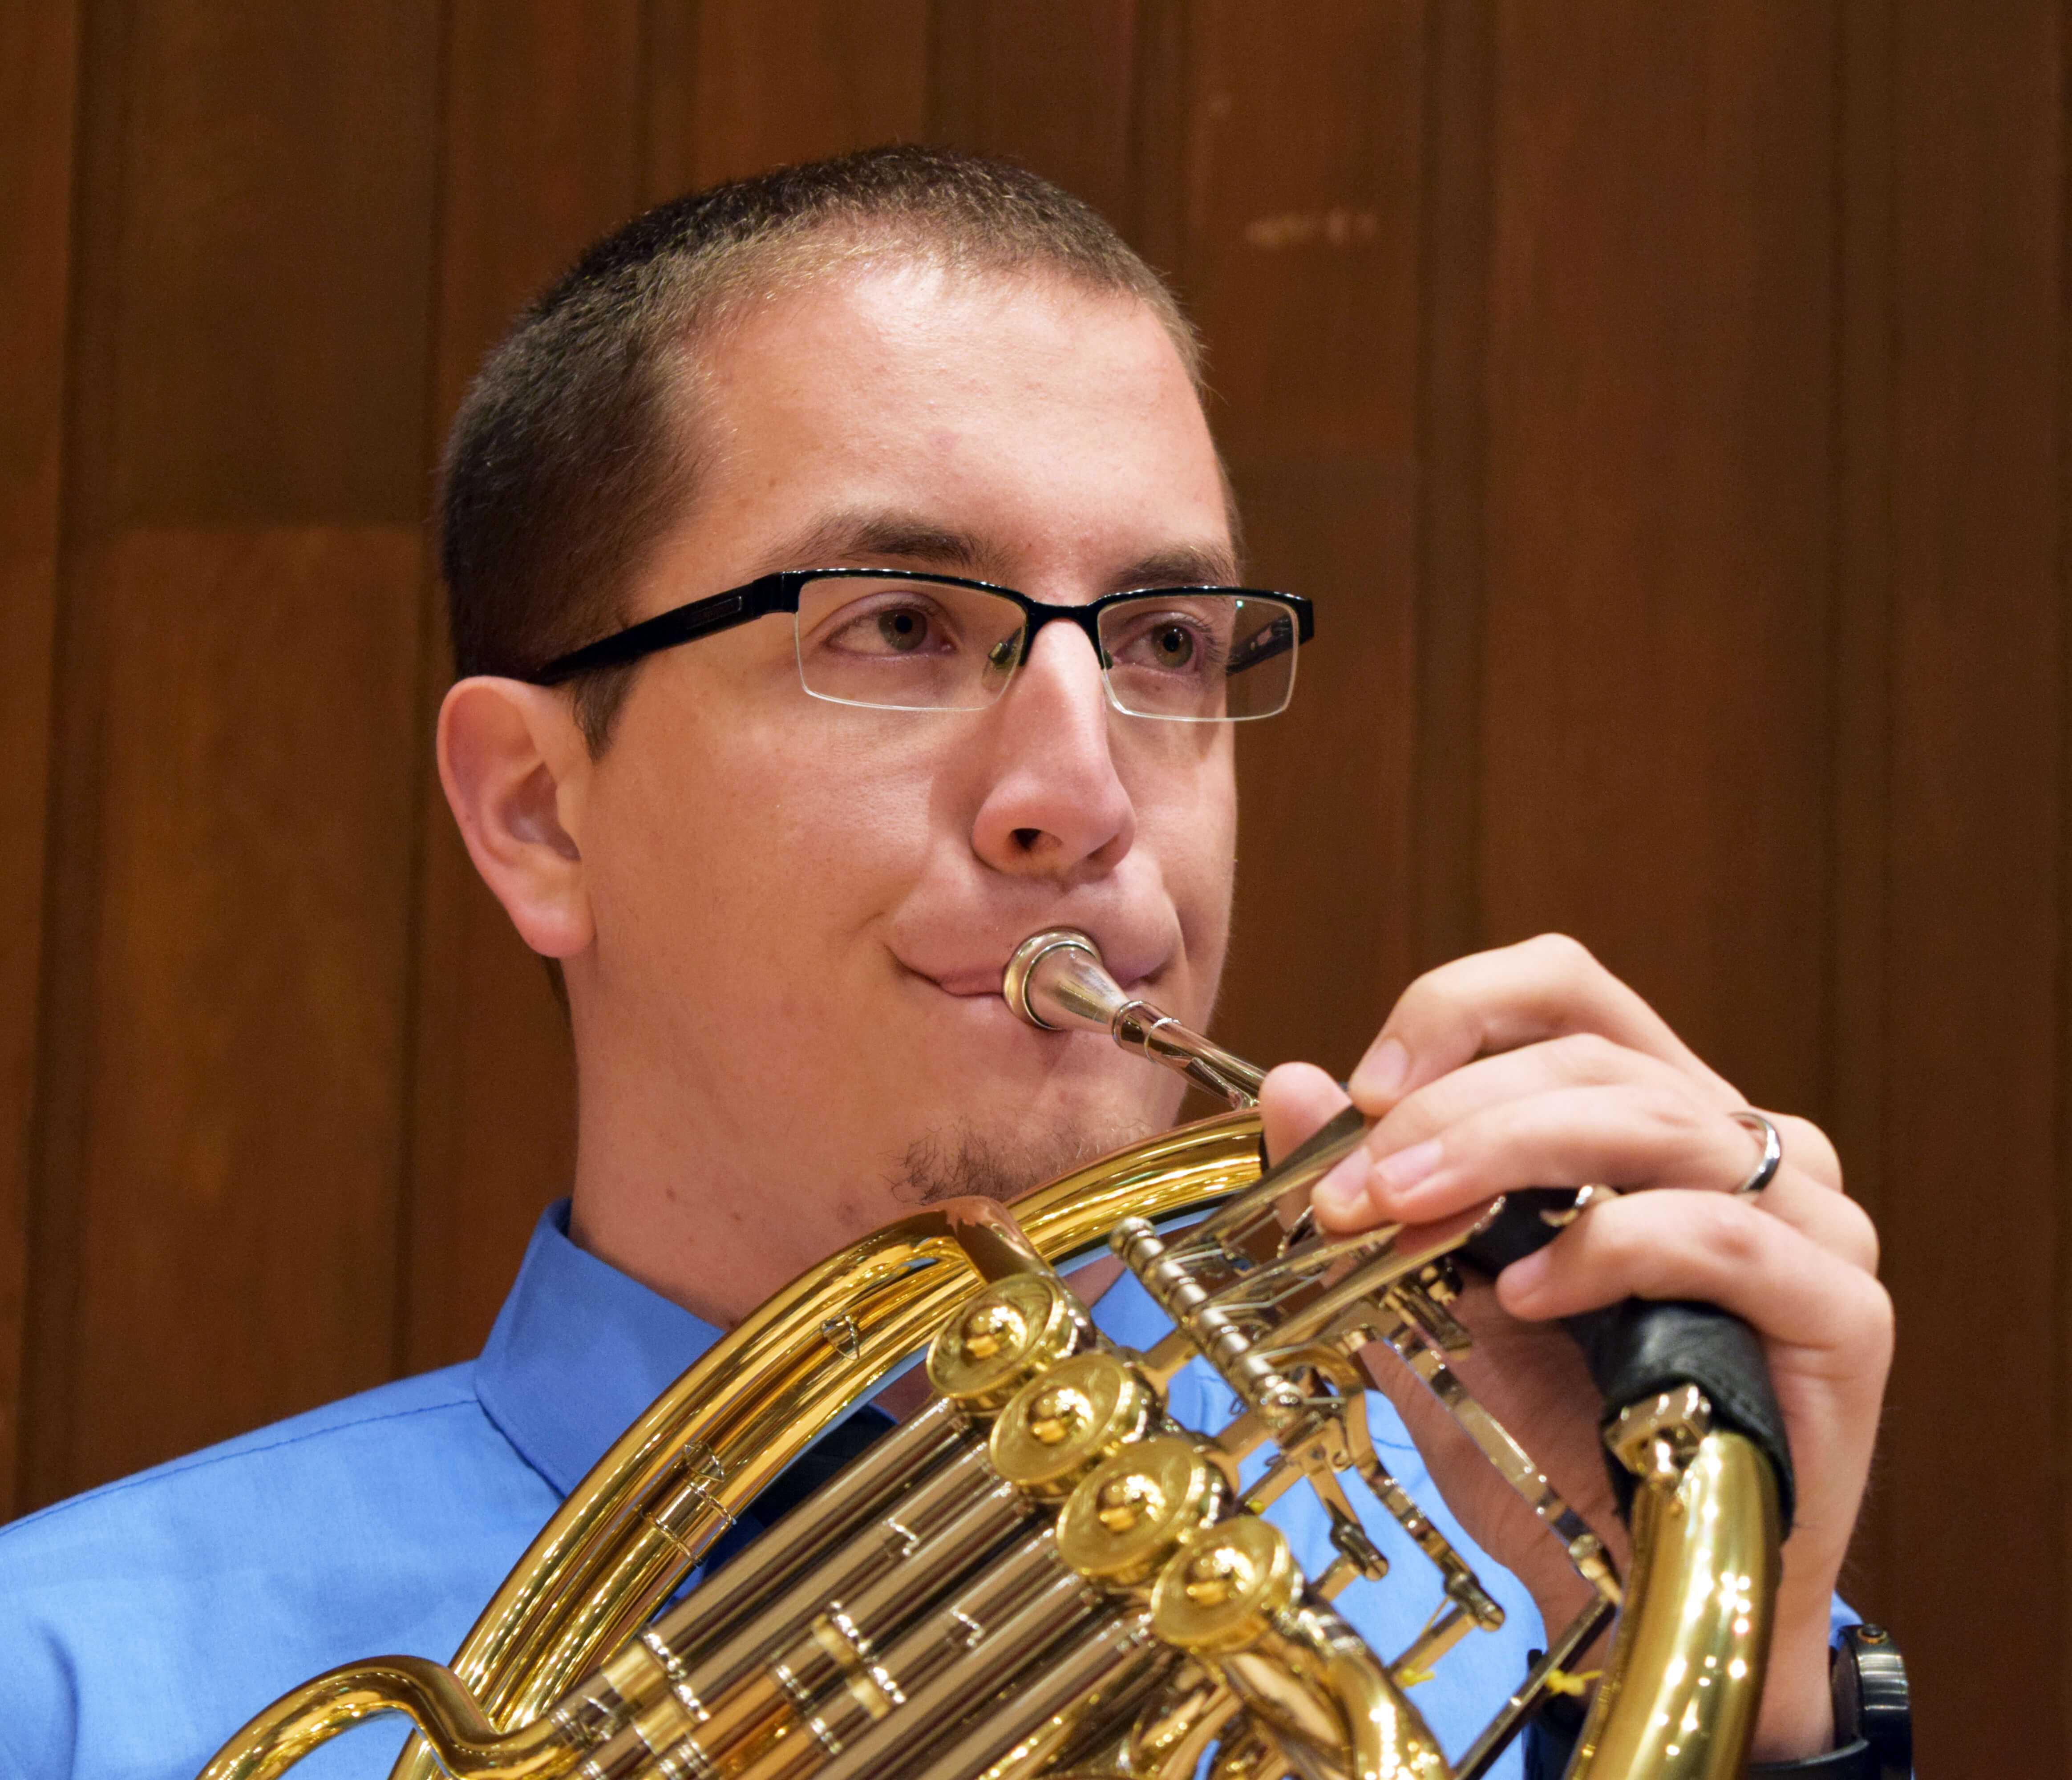 Witt wins a horn scholarship